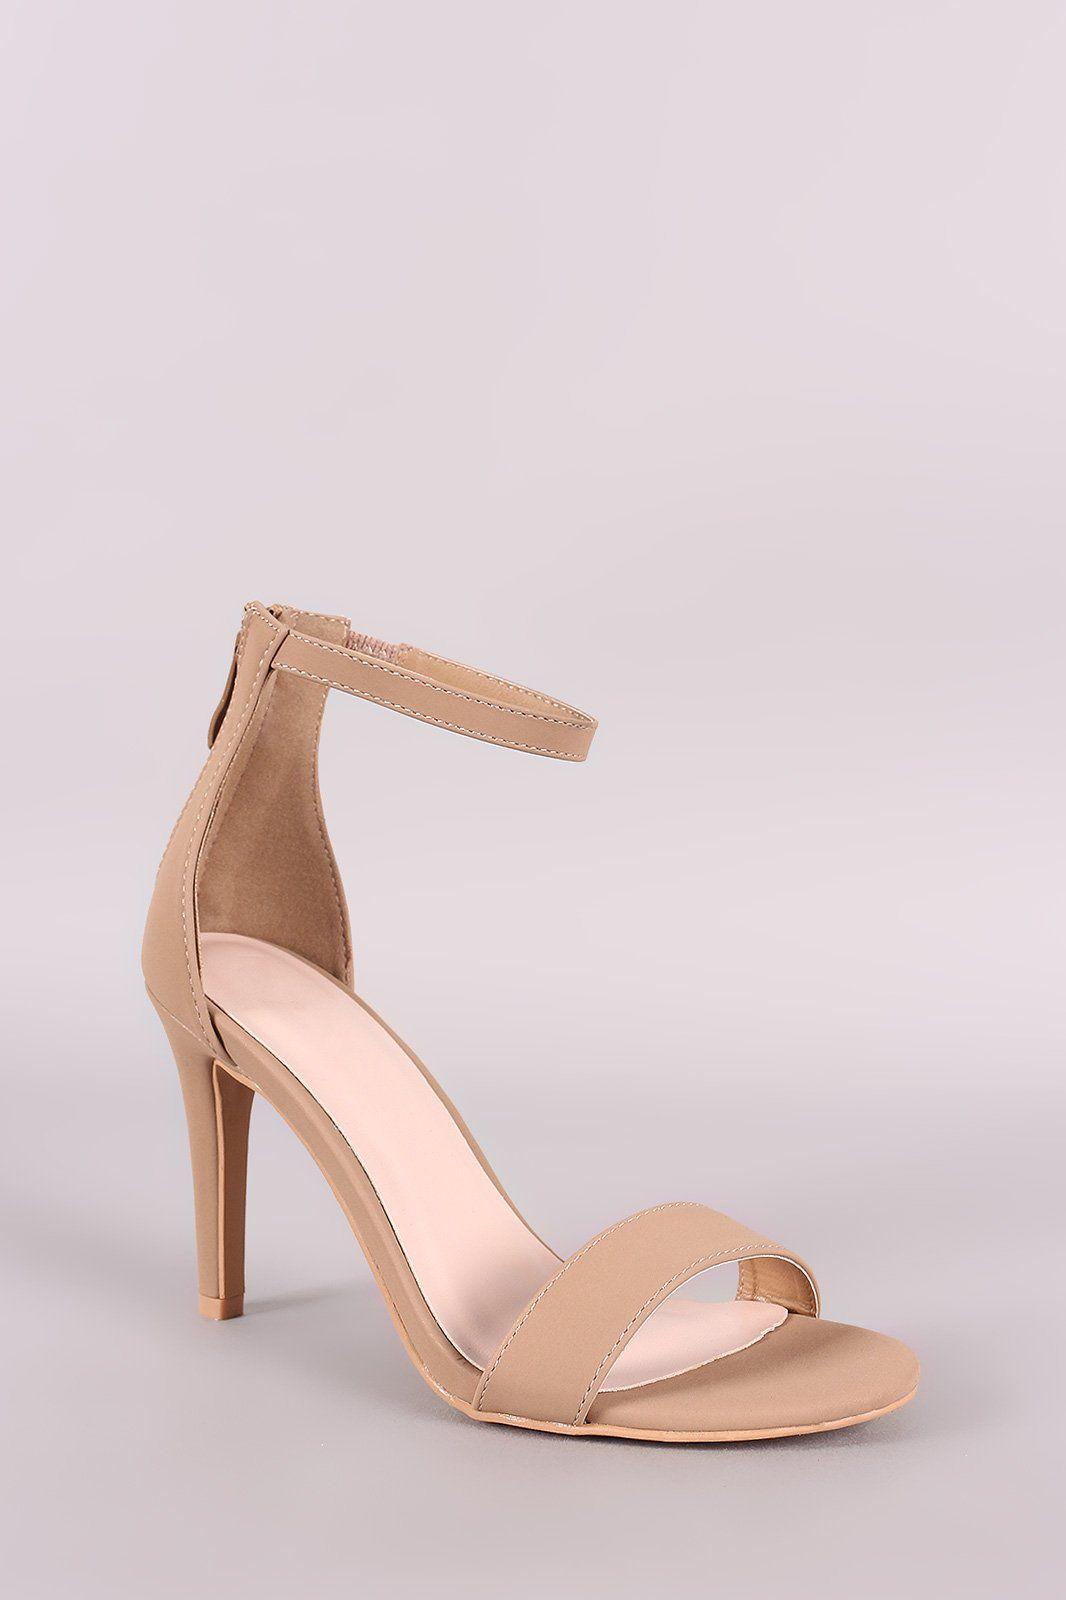 Heels, Pumps heels stilettos